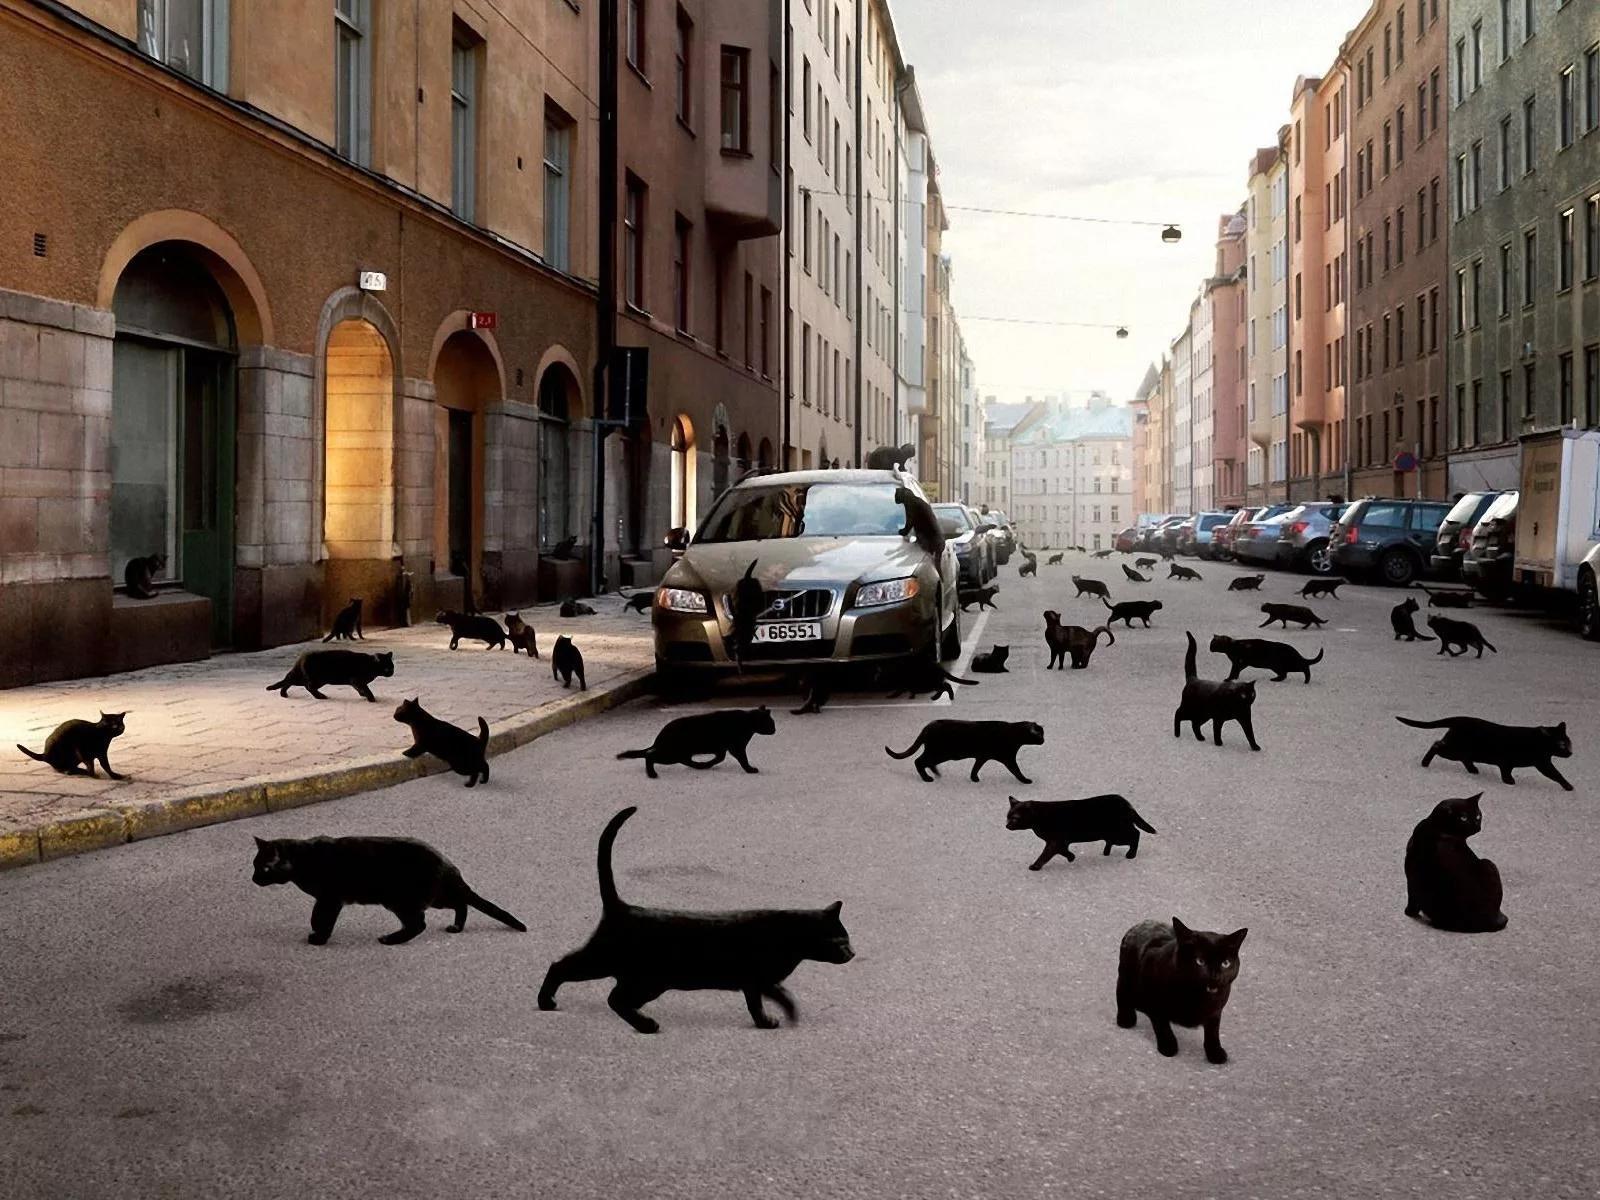 Простите, здесь чёрная кошка дорогу не перебегала?